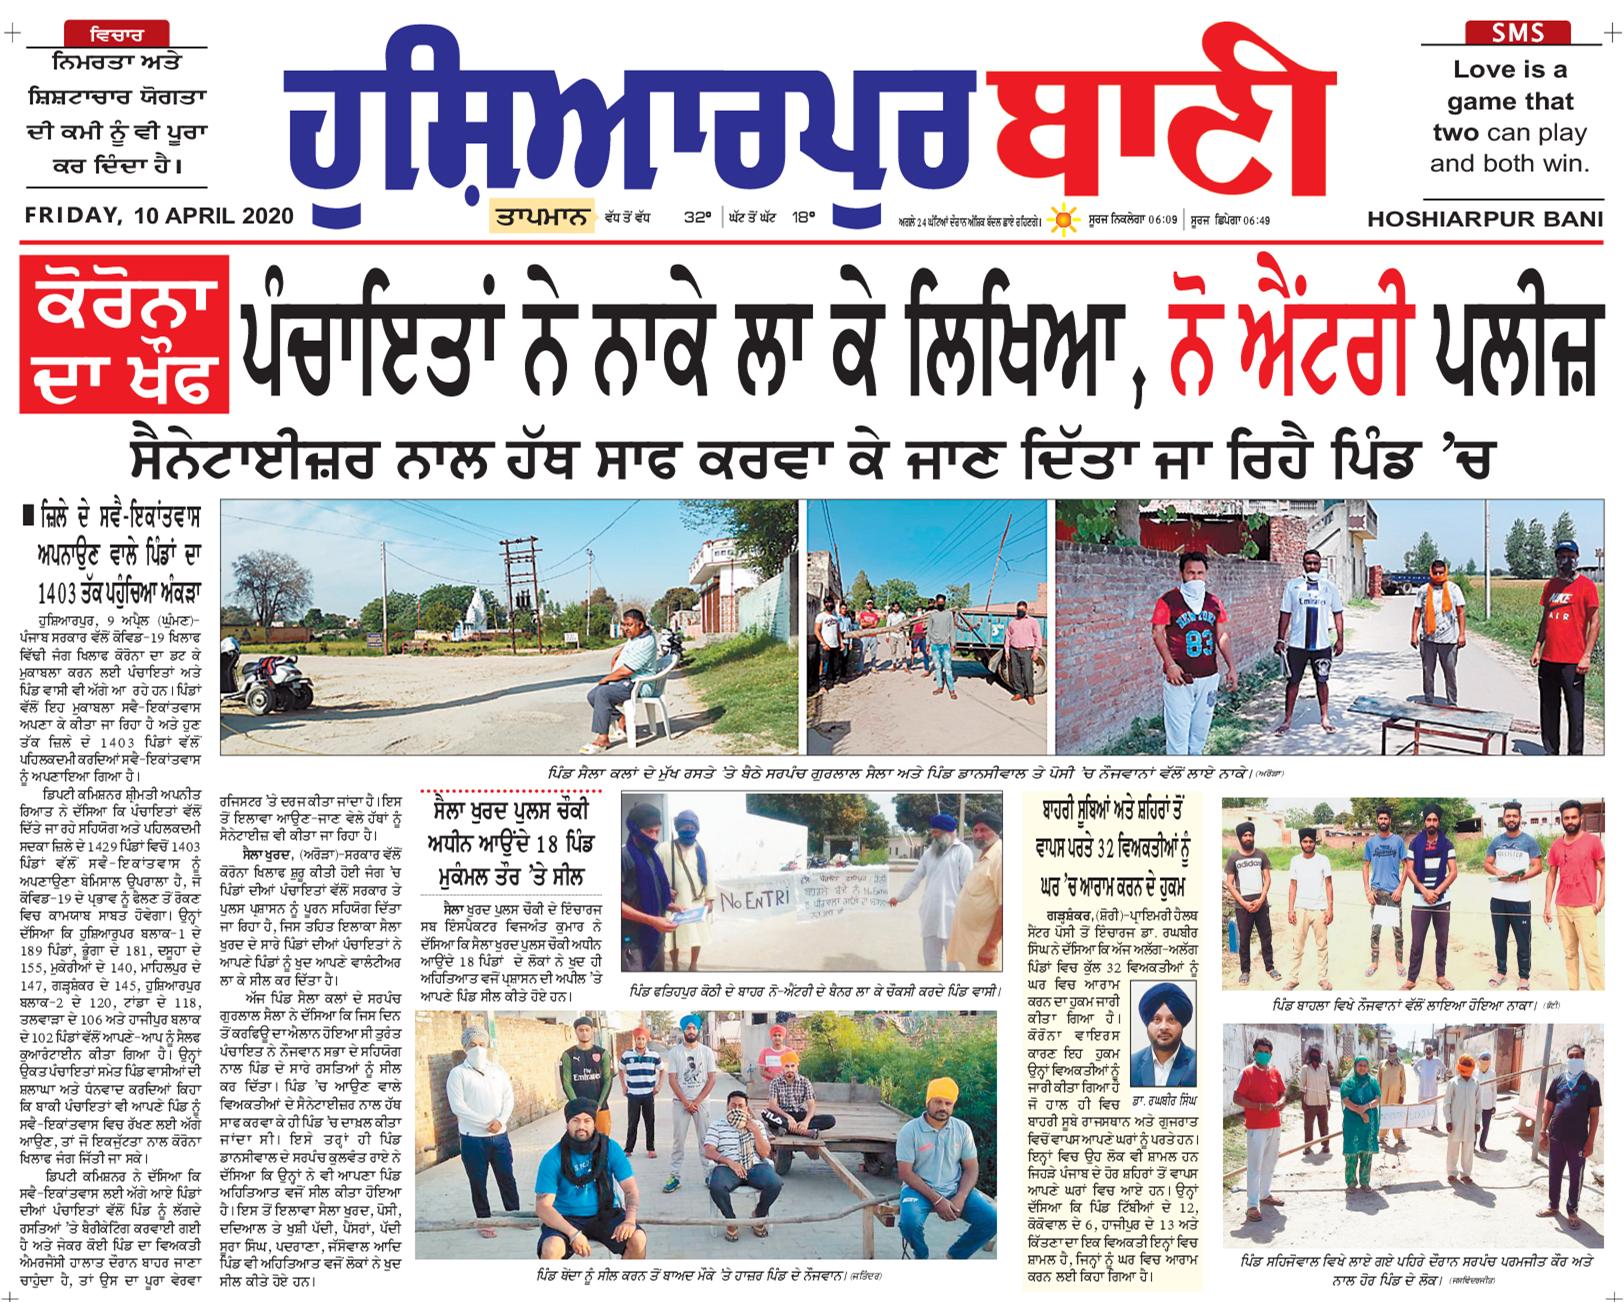 Hoshiarpur Bani 4/10/2020 12:00:00 AM